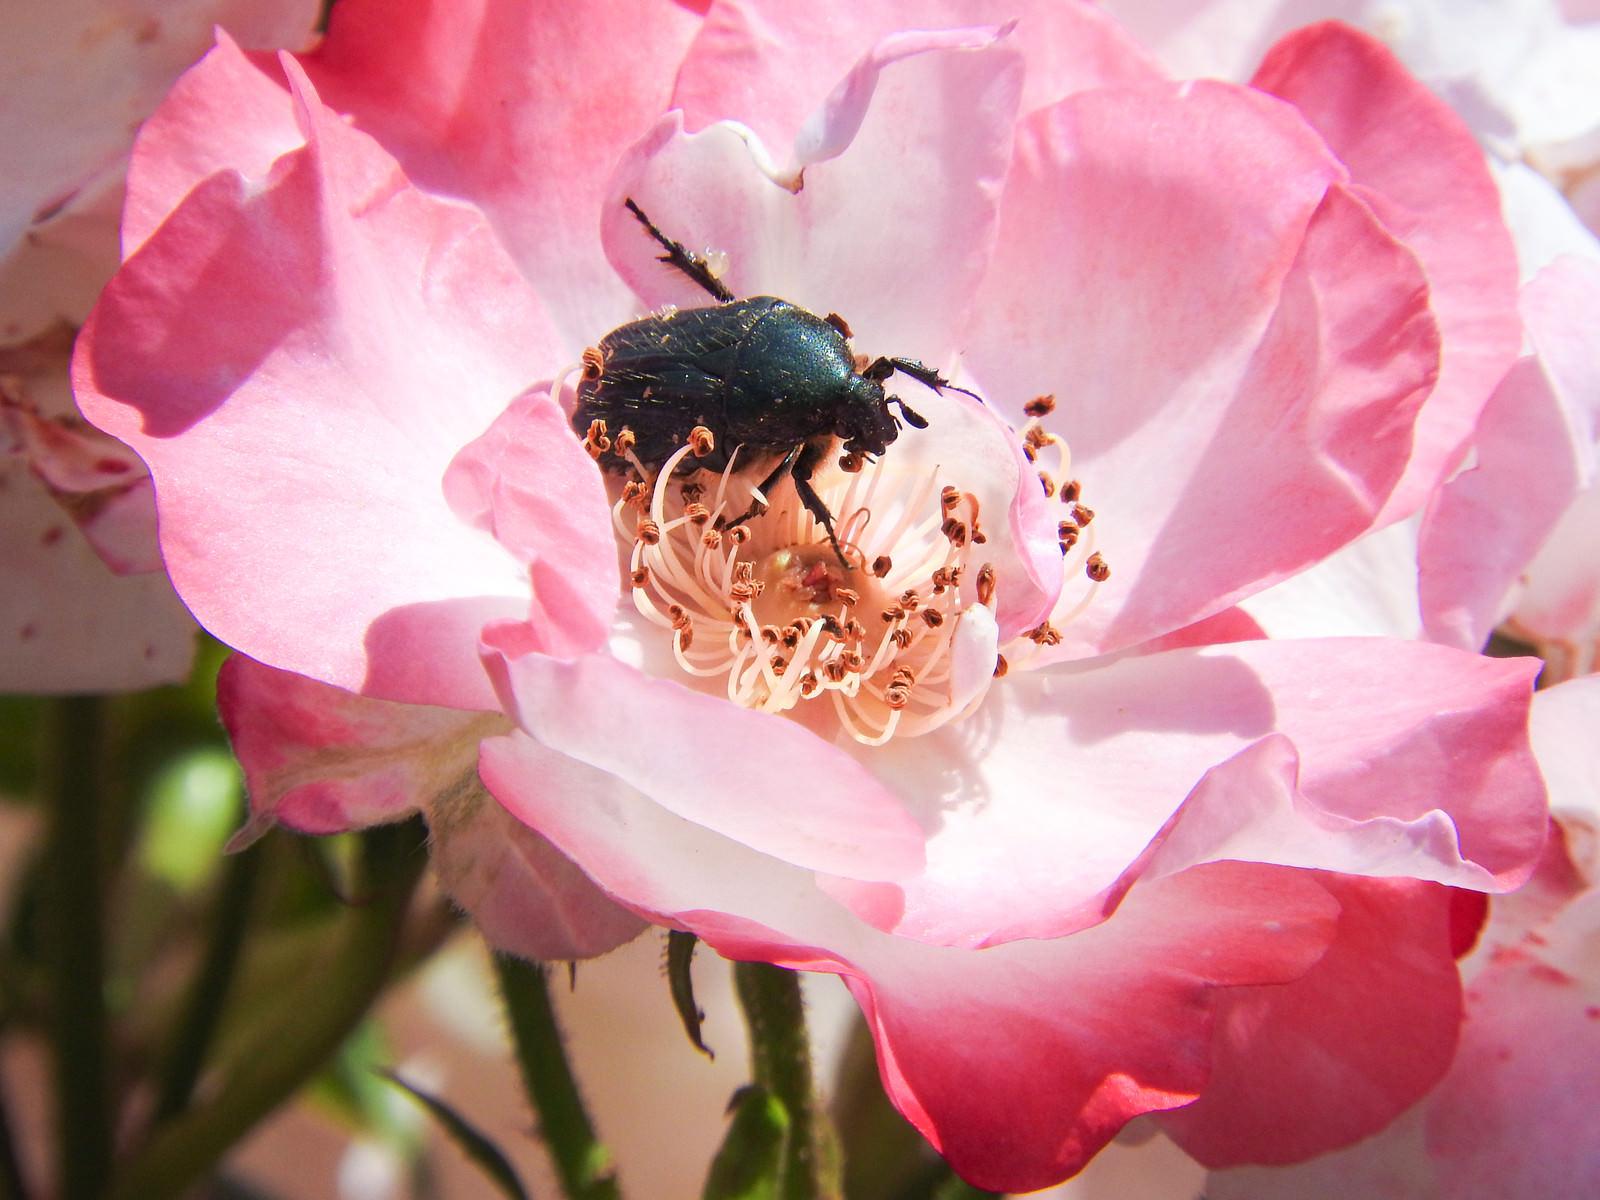 「蜜を吸いにやってきたハナムグリ(昆虫)」の写真